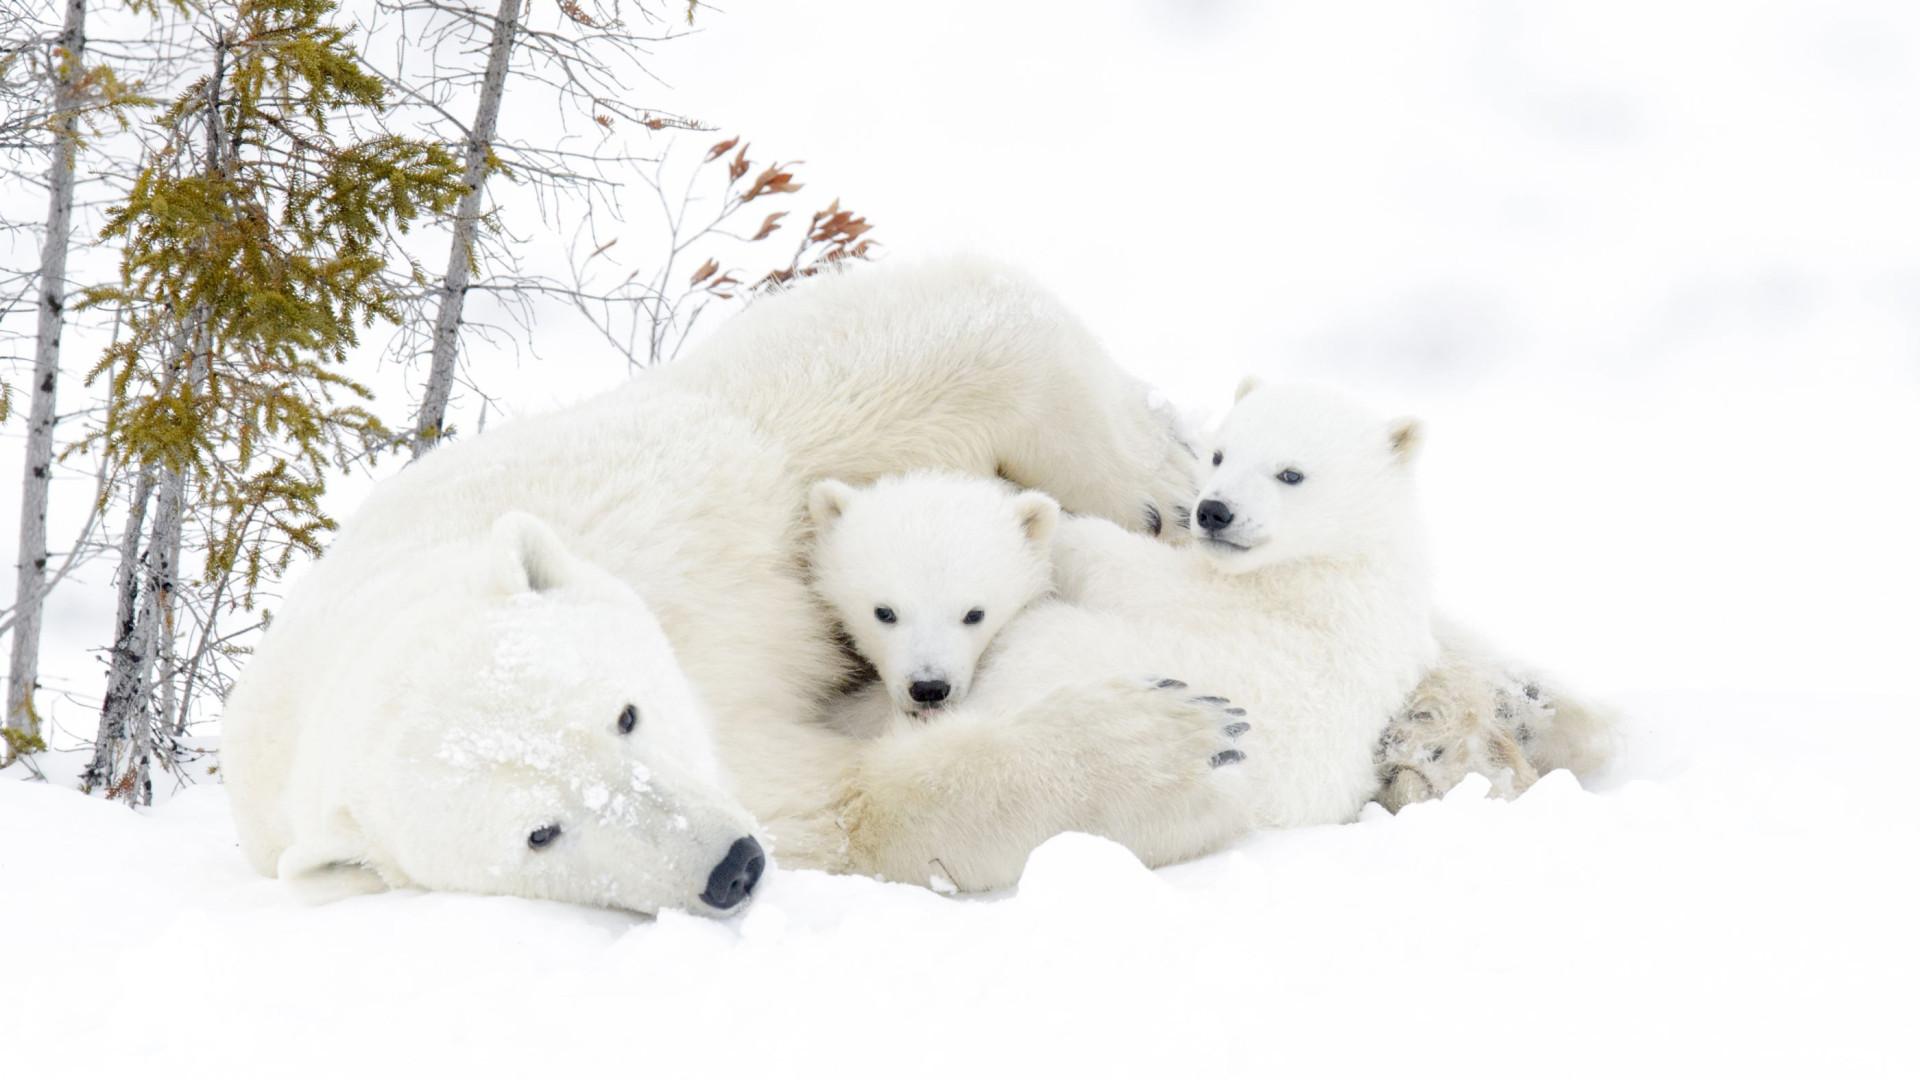 SABIA QUE os ursos polares têm pelos escuros?